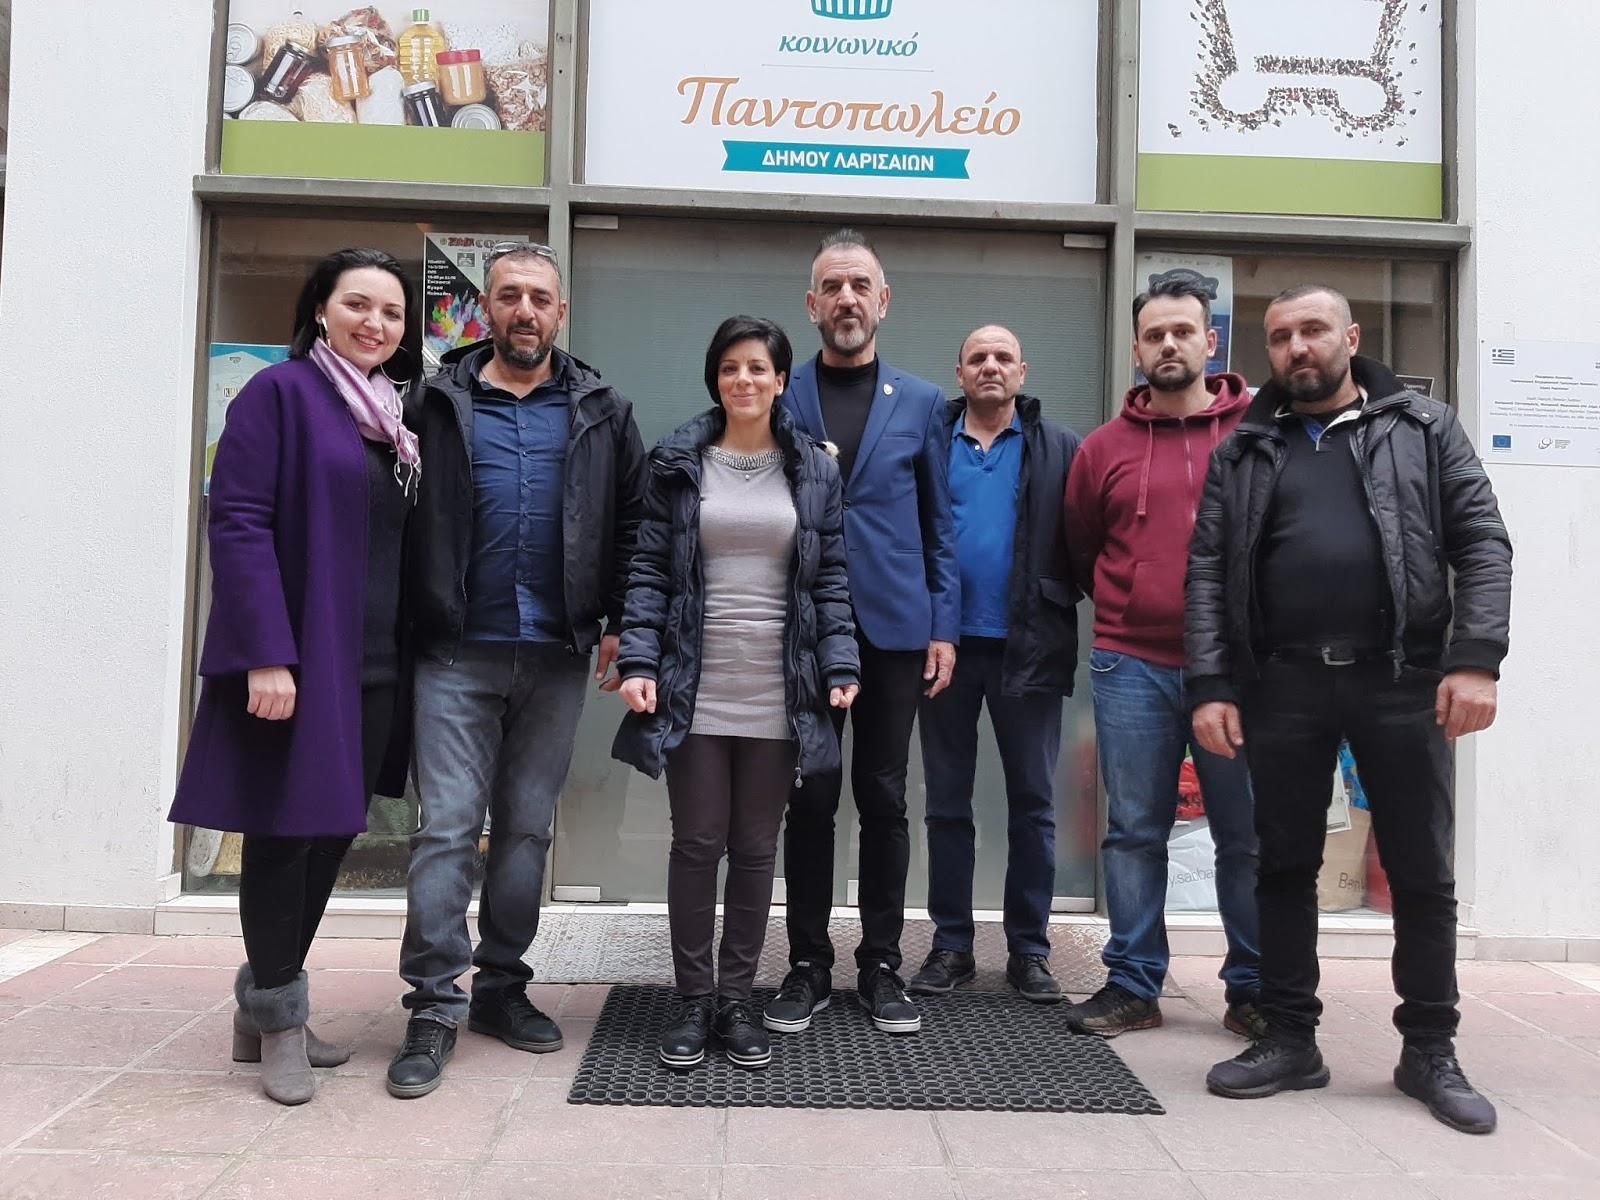 Προσφορά οπωροκηπευτικών στο Κοινωνικό Παντοπωλείο Δήμου Λαρισαίων